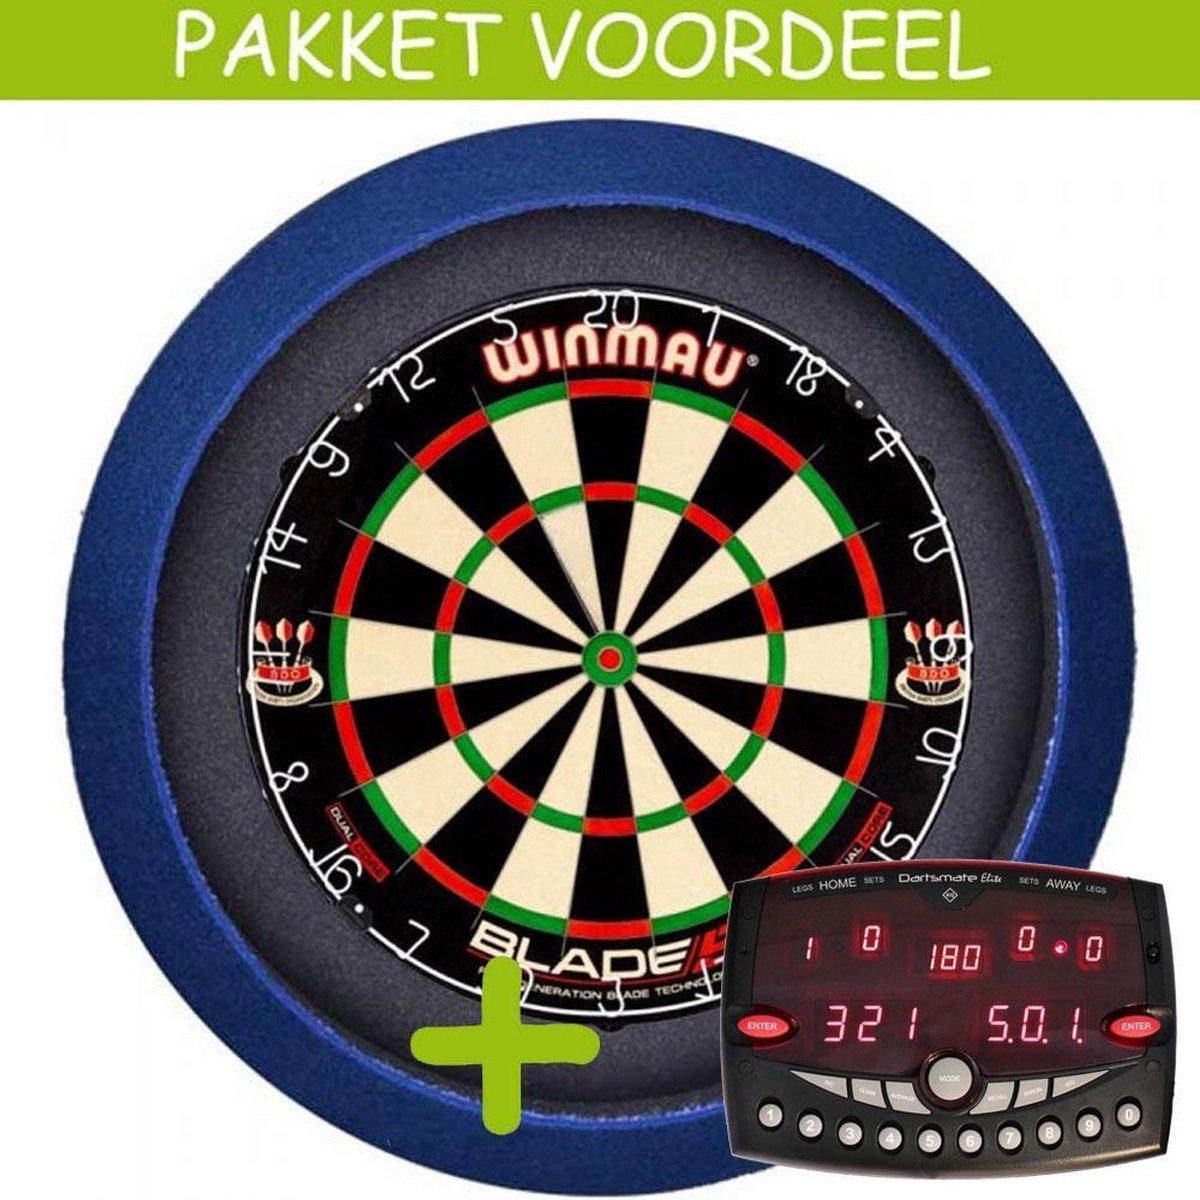 Elektronisch Dart Scorebord VoordeelPakket (Elite ) - Dual Core - Dartbordverlichting Basic (Blauw)